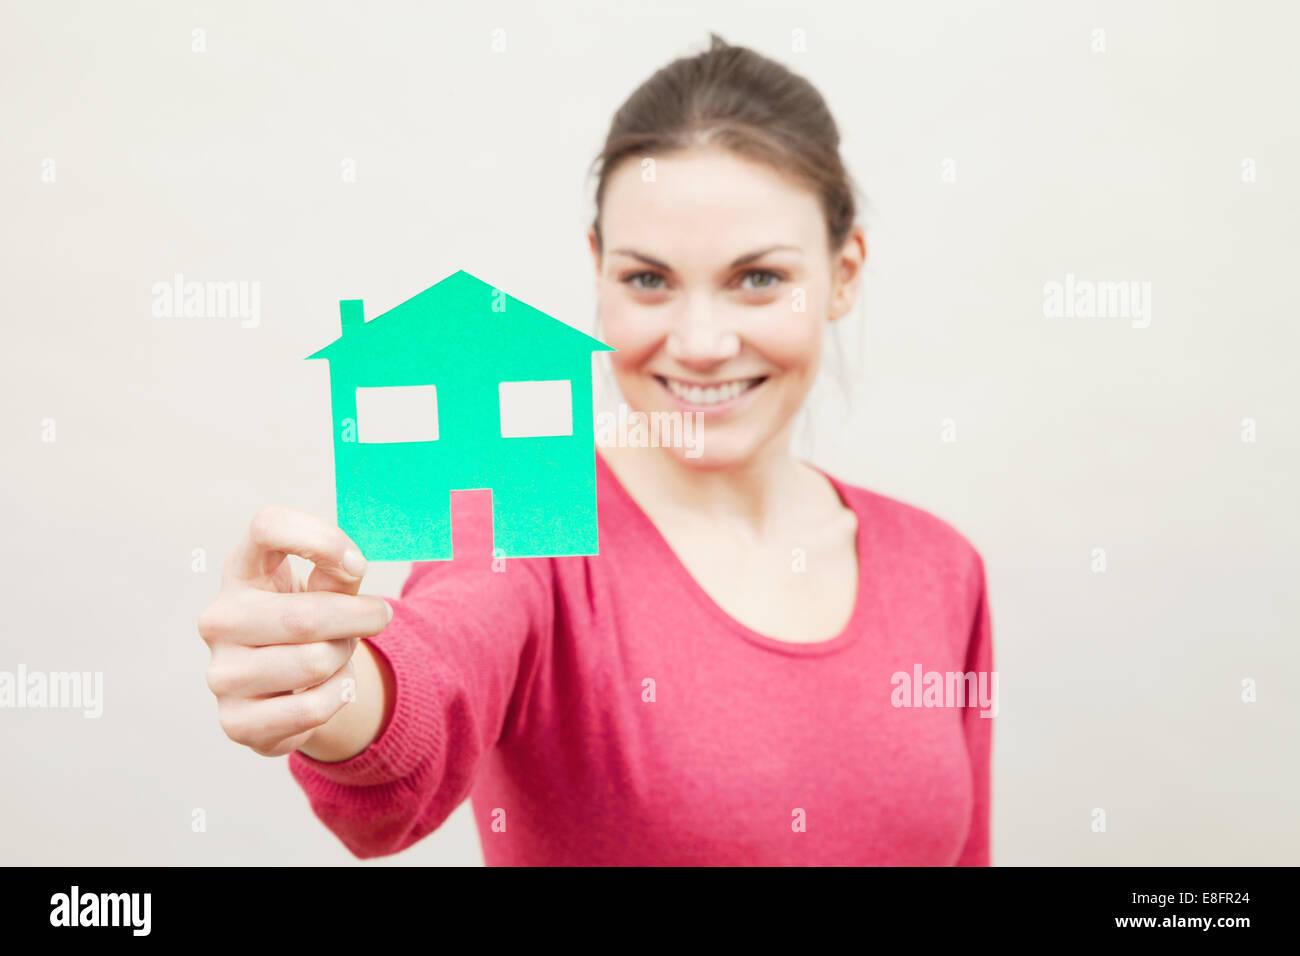 Junge Frau mit Papier Schneiden Sie aus einem Haus Stockbild